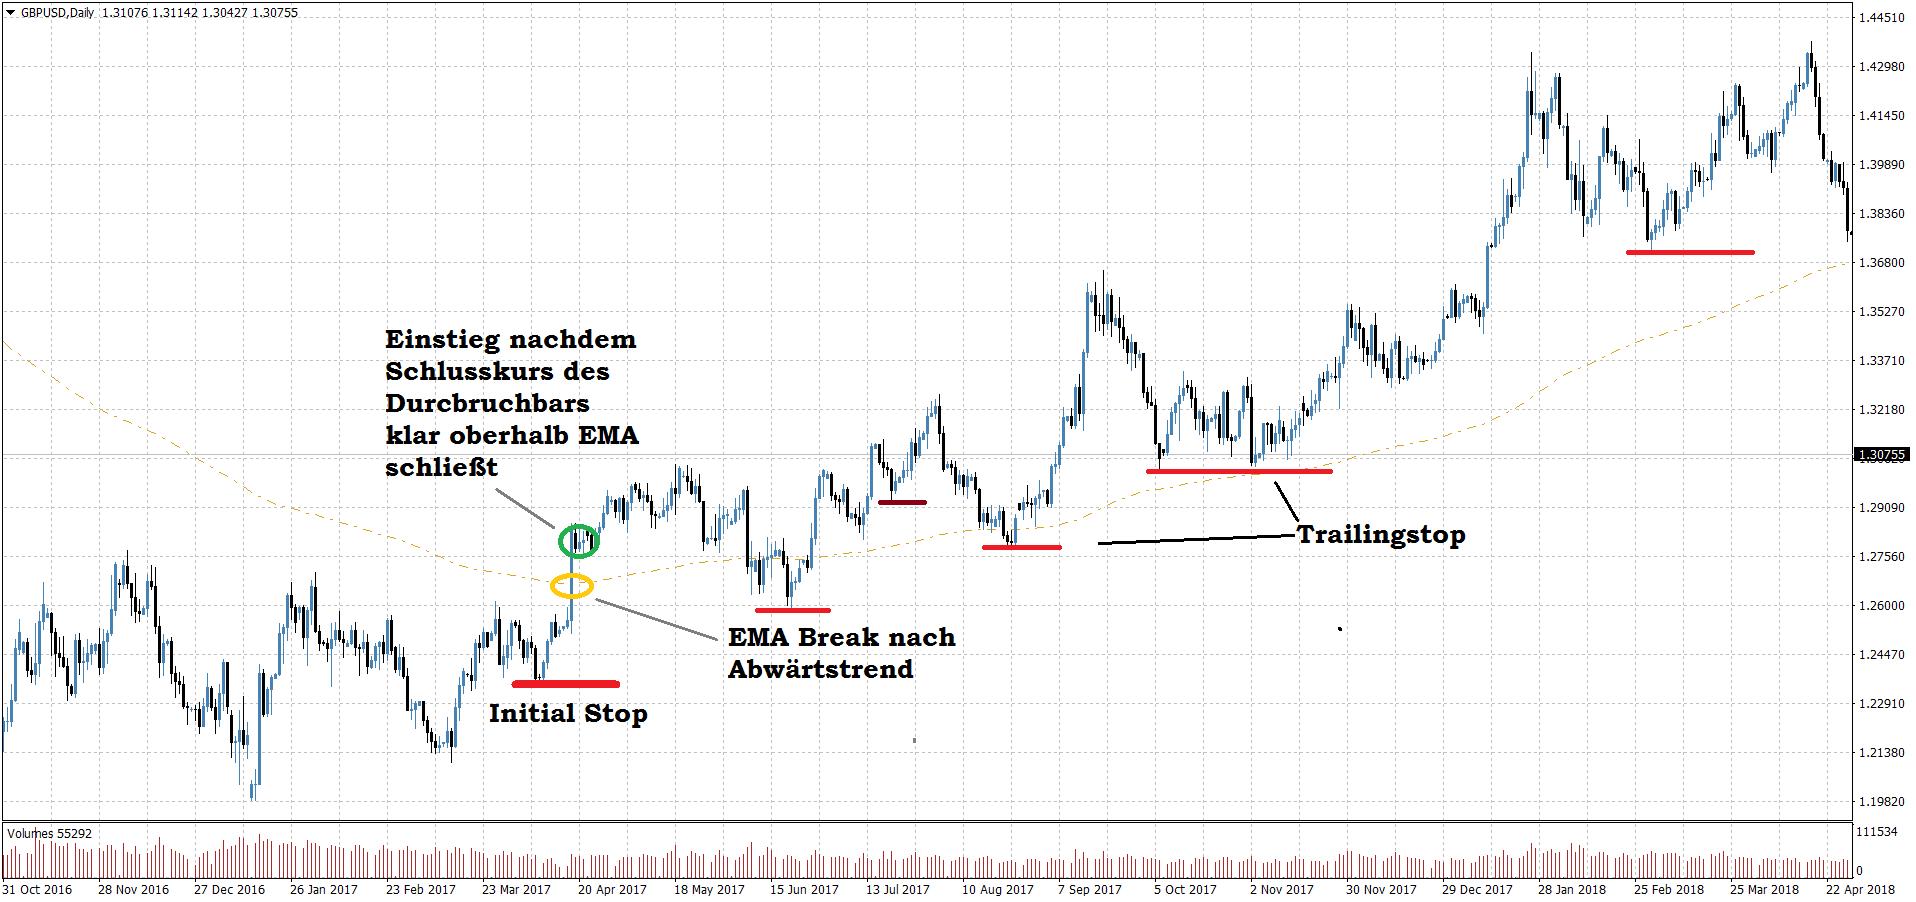 einfache cfd strategie trading signale für binäre optionen optionen handel tipps